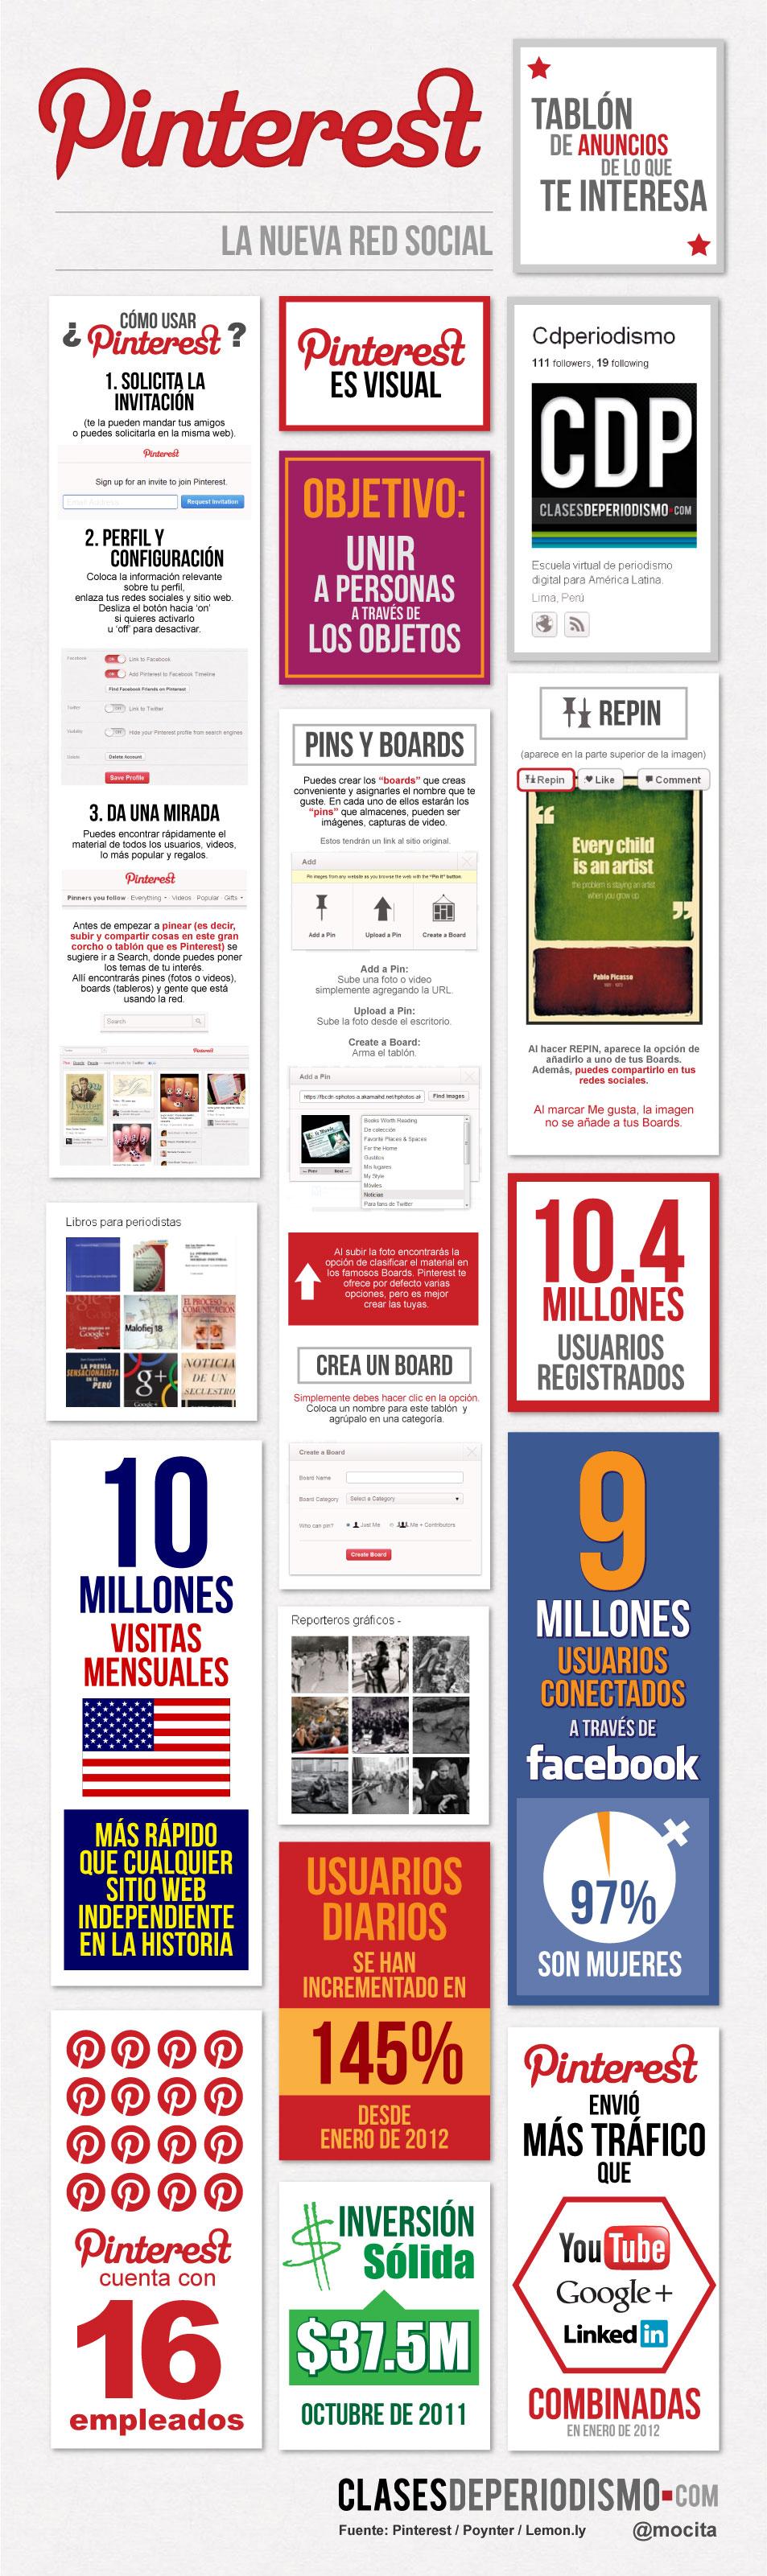 Pinterest Nueva estrategia de recultamiento de personal